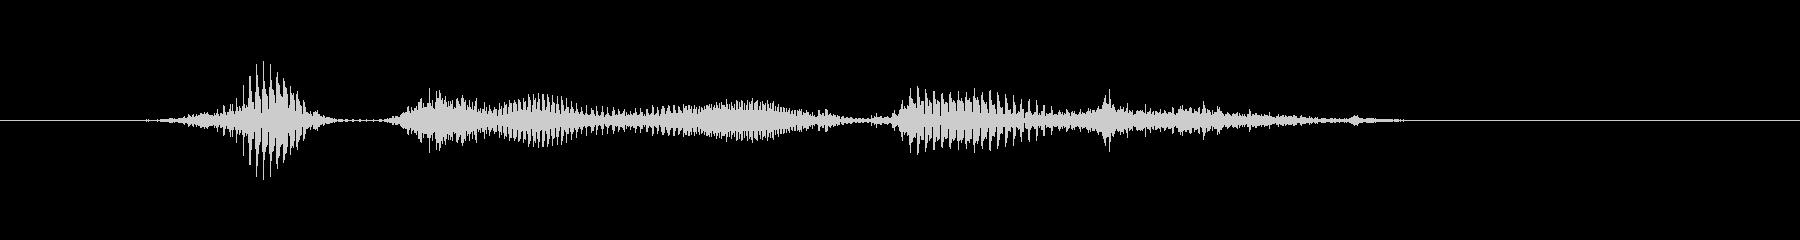 【時報・時間】8時ですの未再生の波形